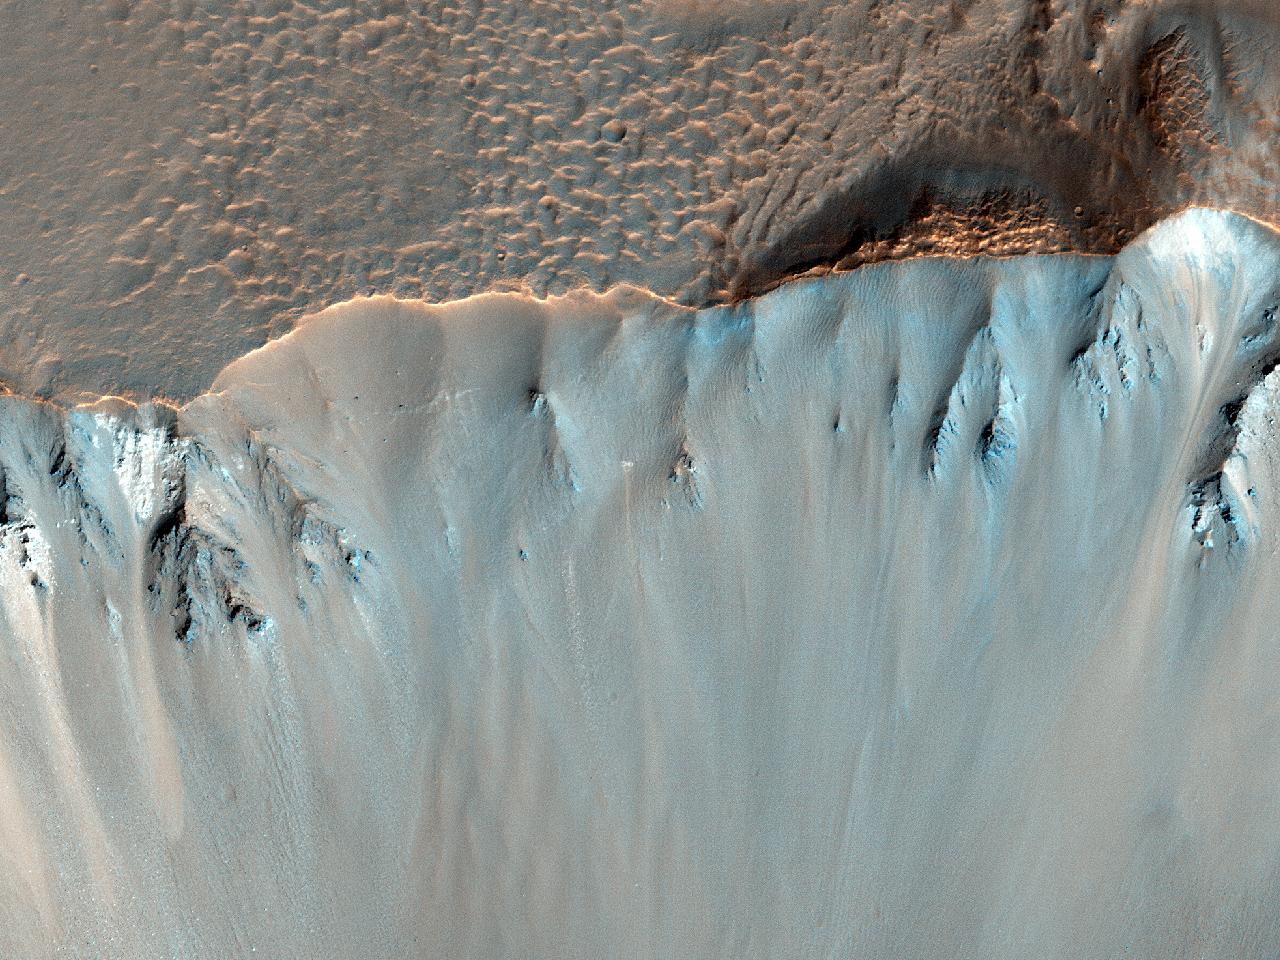 الحدود الجنوبية الشرقية لفوهة هيل (Hale Crater)